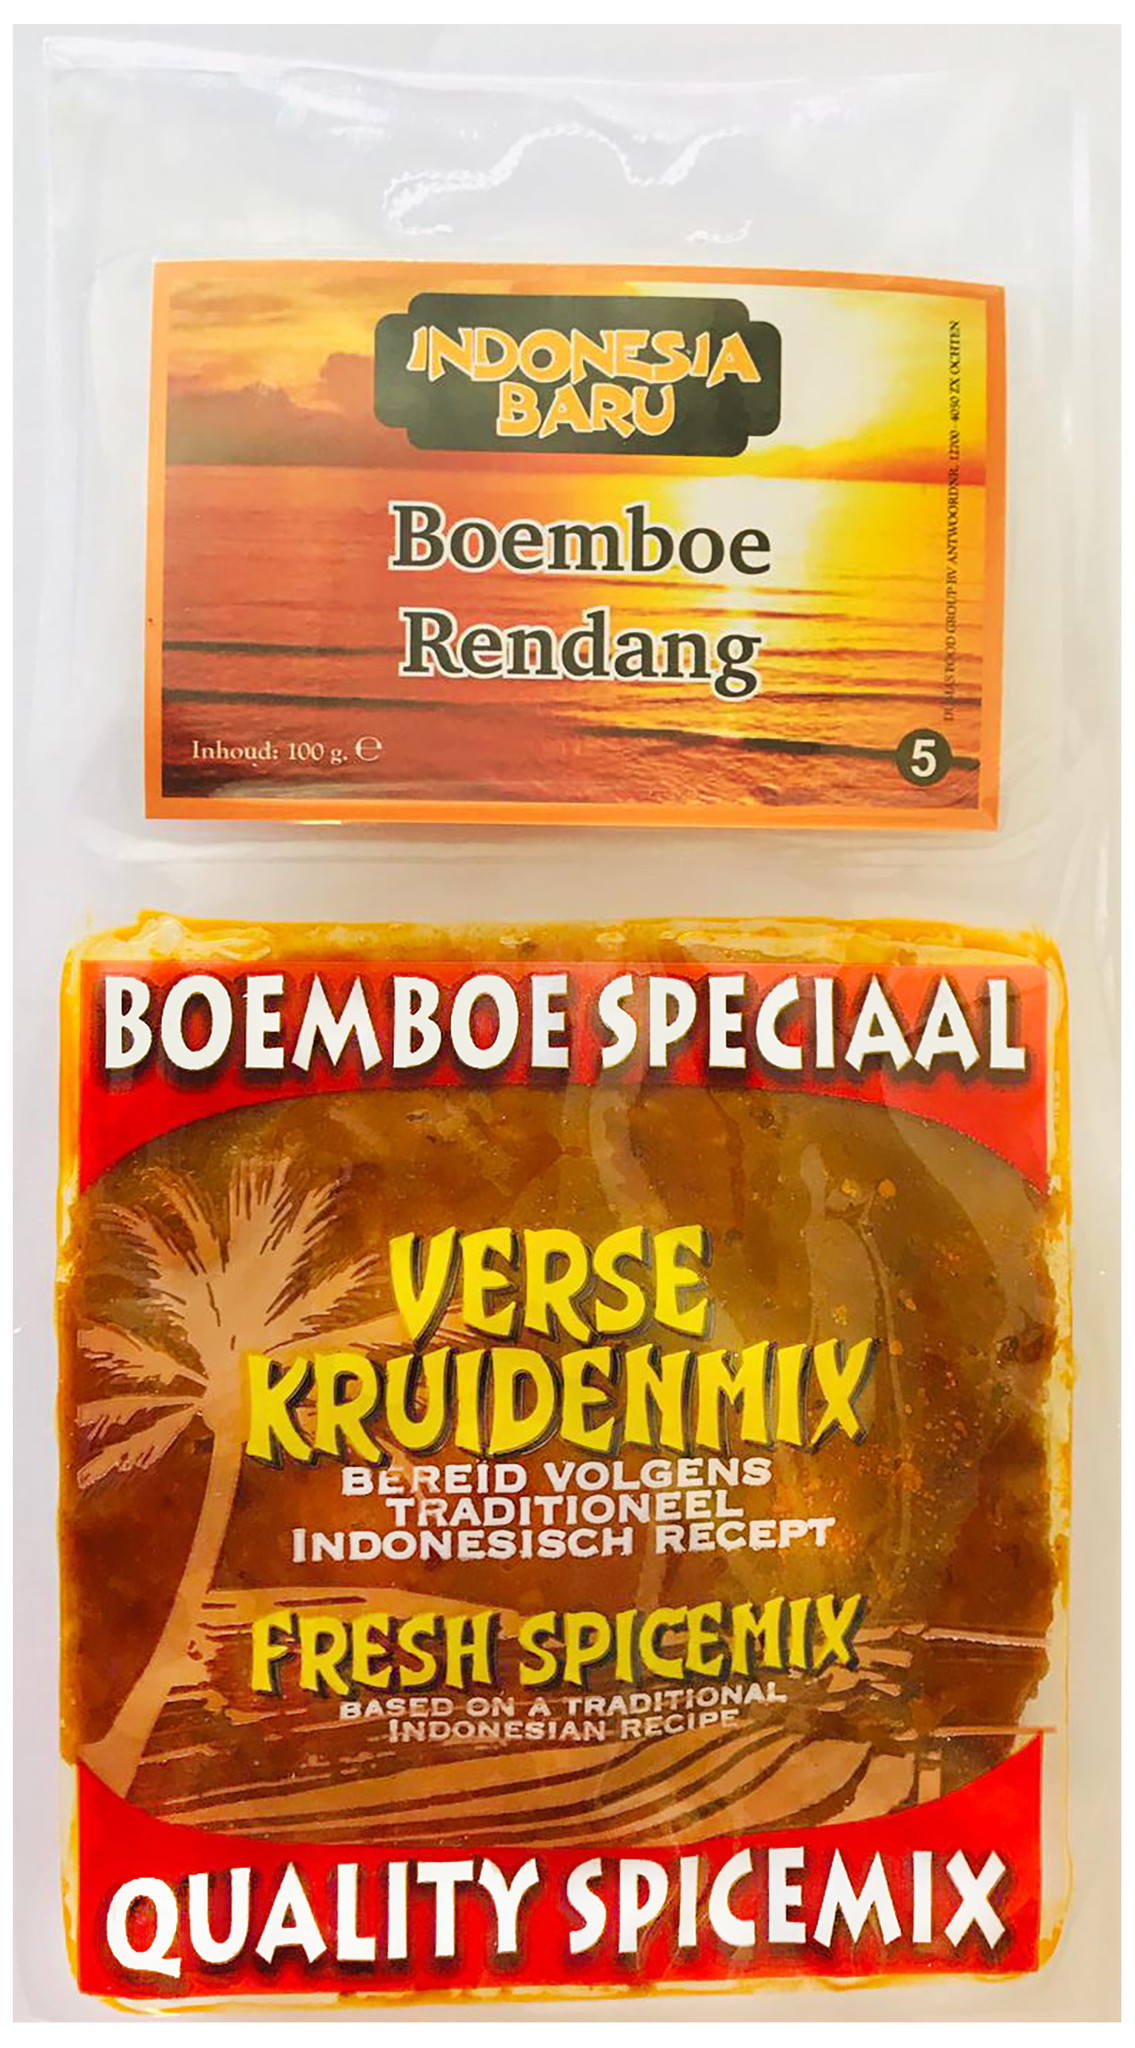 Boemboe Rendang